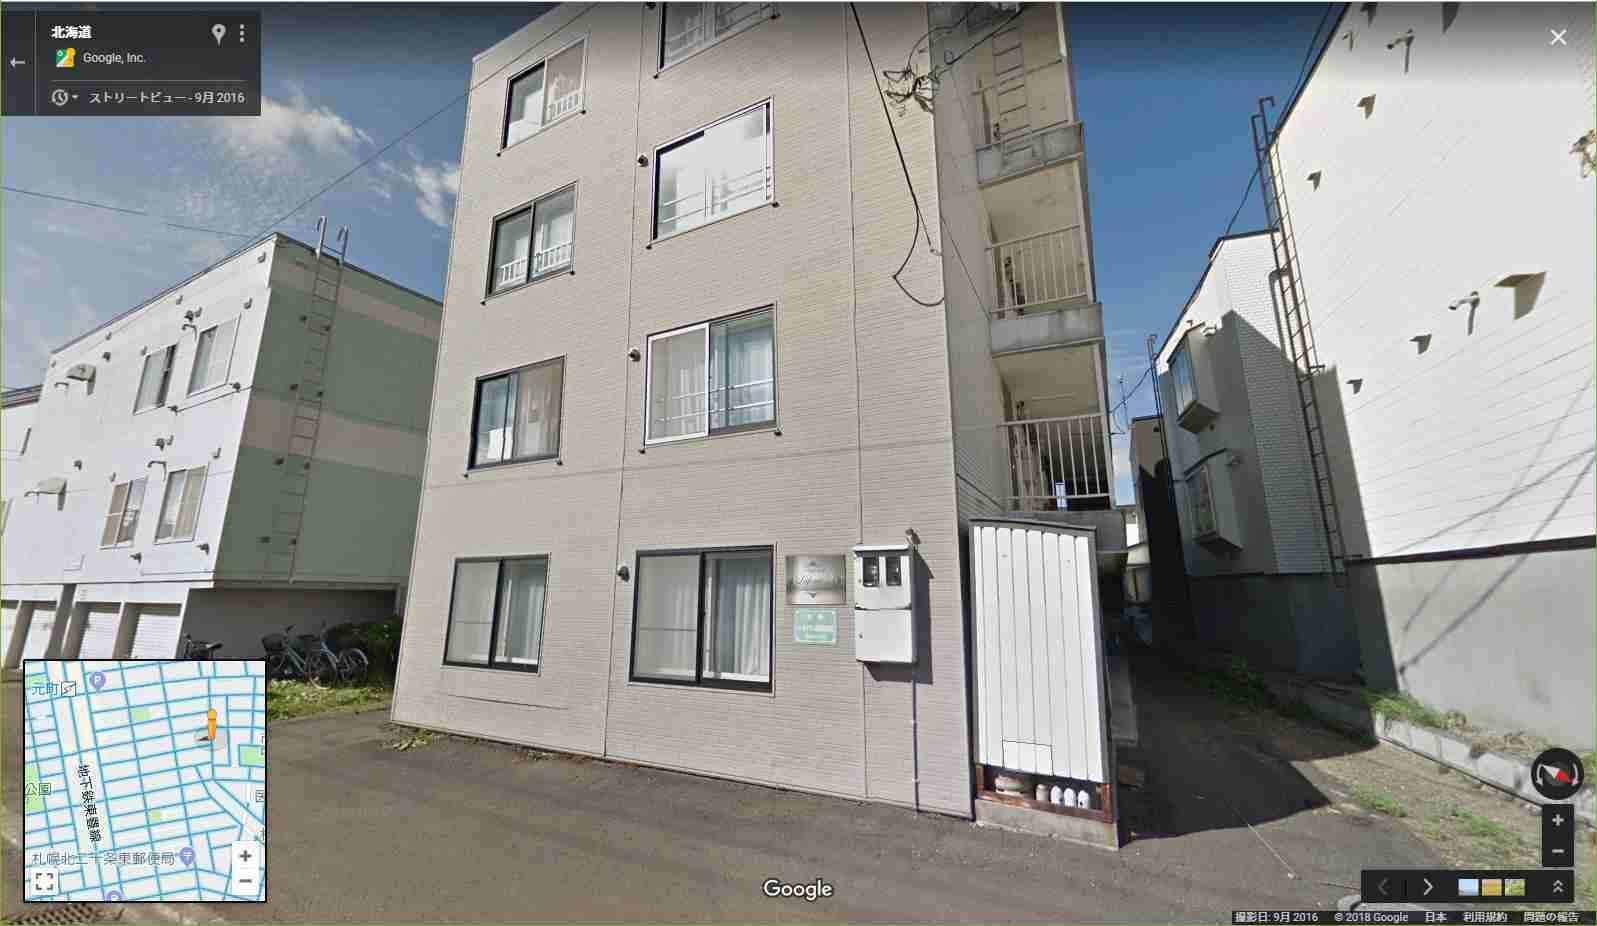 意外と近いところに半壊のアパートが_c0025115_22131176.jpg